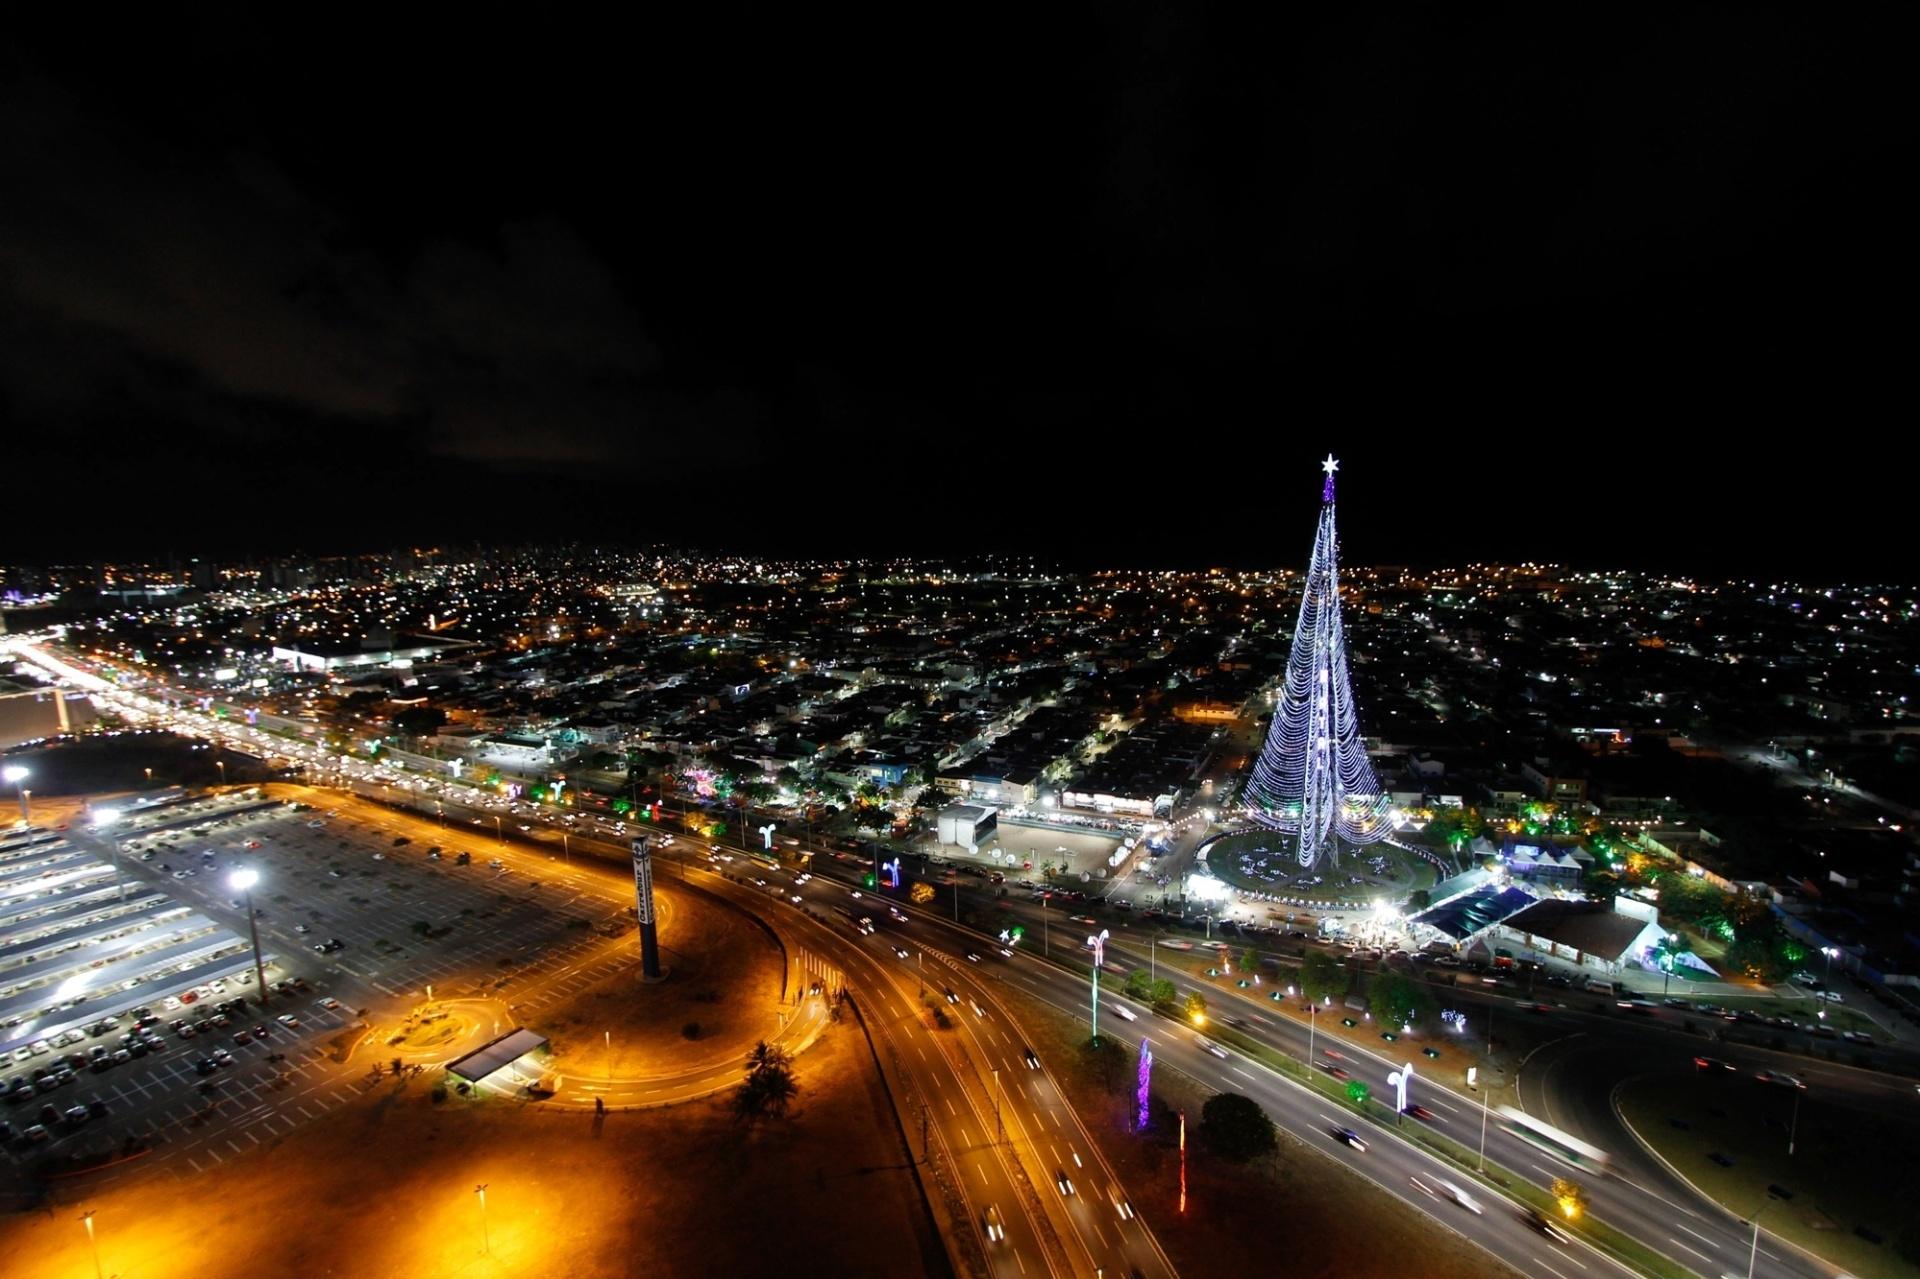 19.dez.2014 - Vista aérea da cidade de Natal, no Rio Grande do Norte, com a árvore de Natal de Mirassol, que tem uma altura de 126 metros e oito mil conjuntos de lâmpadas led, sendo uma das maiores do Brasil